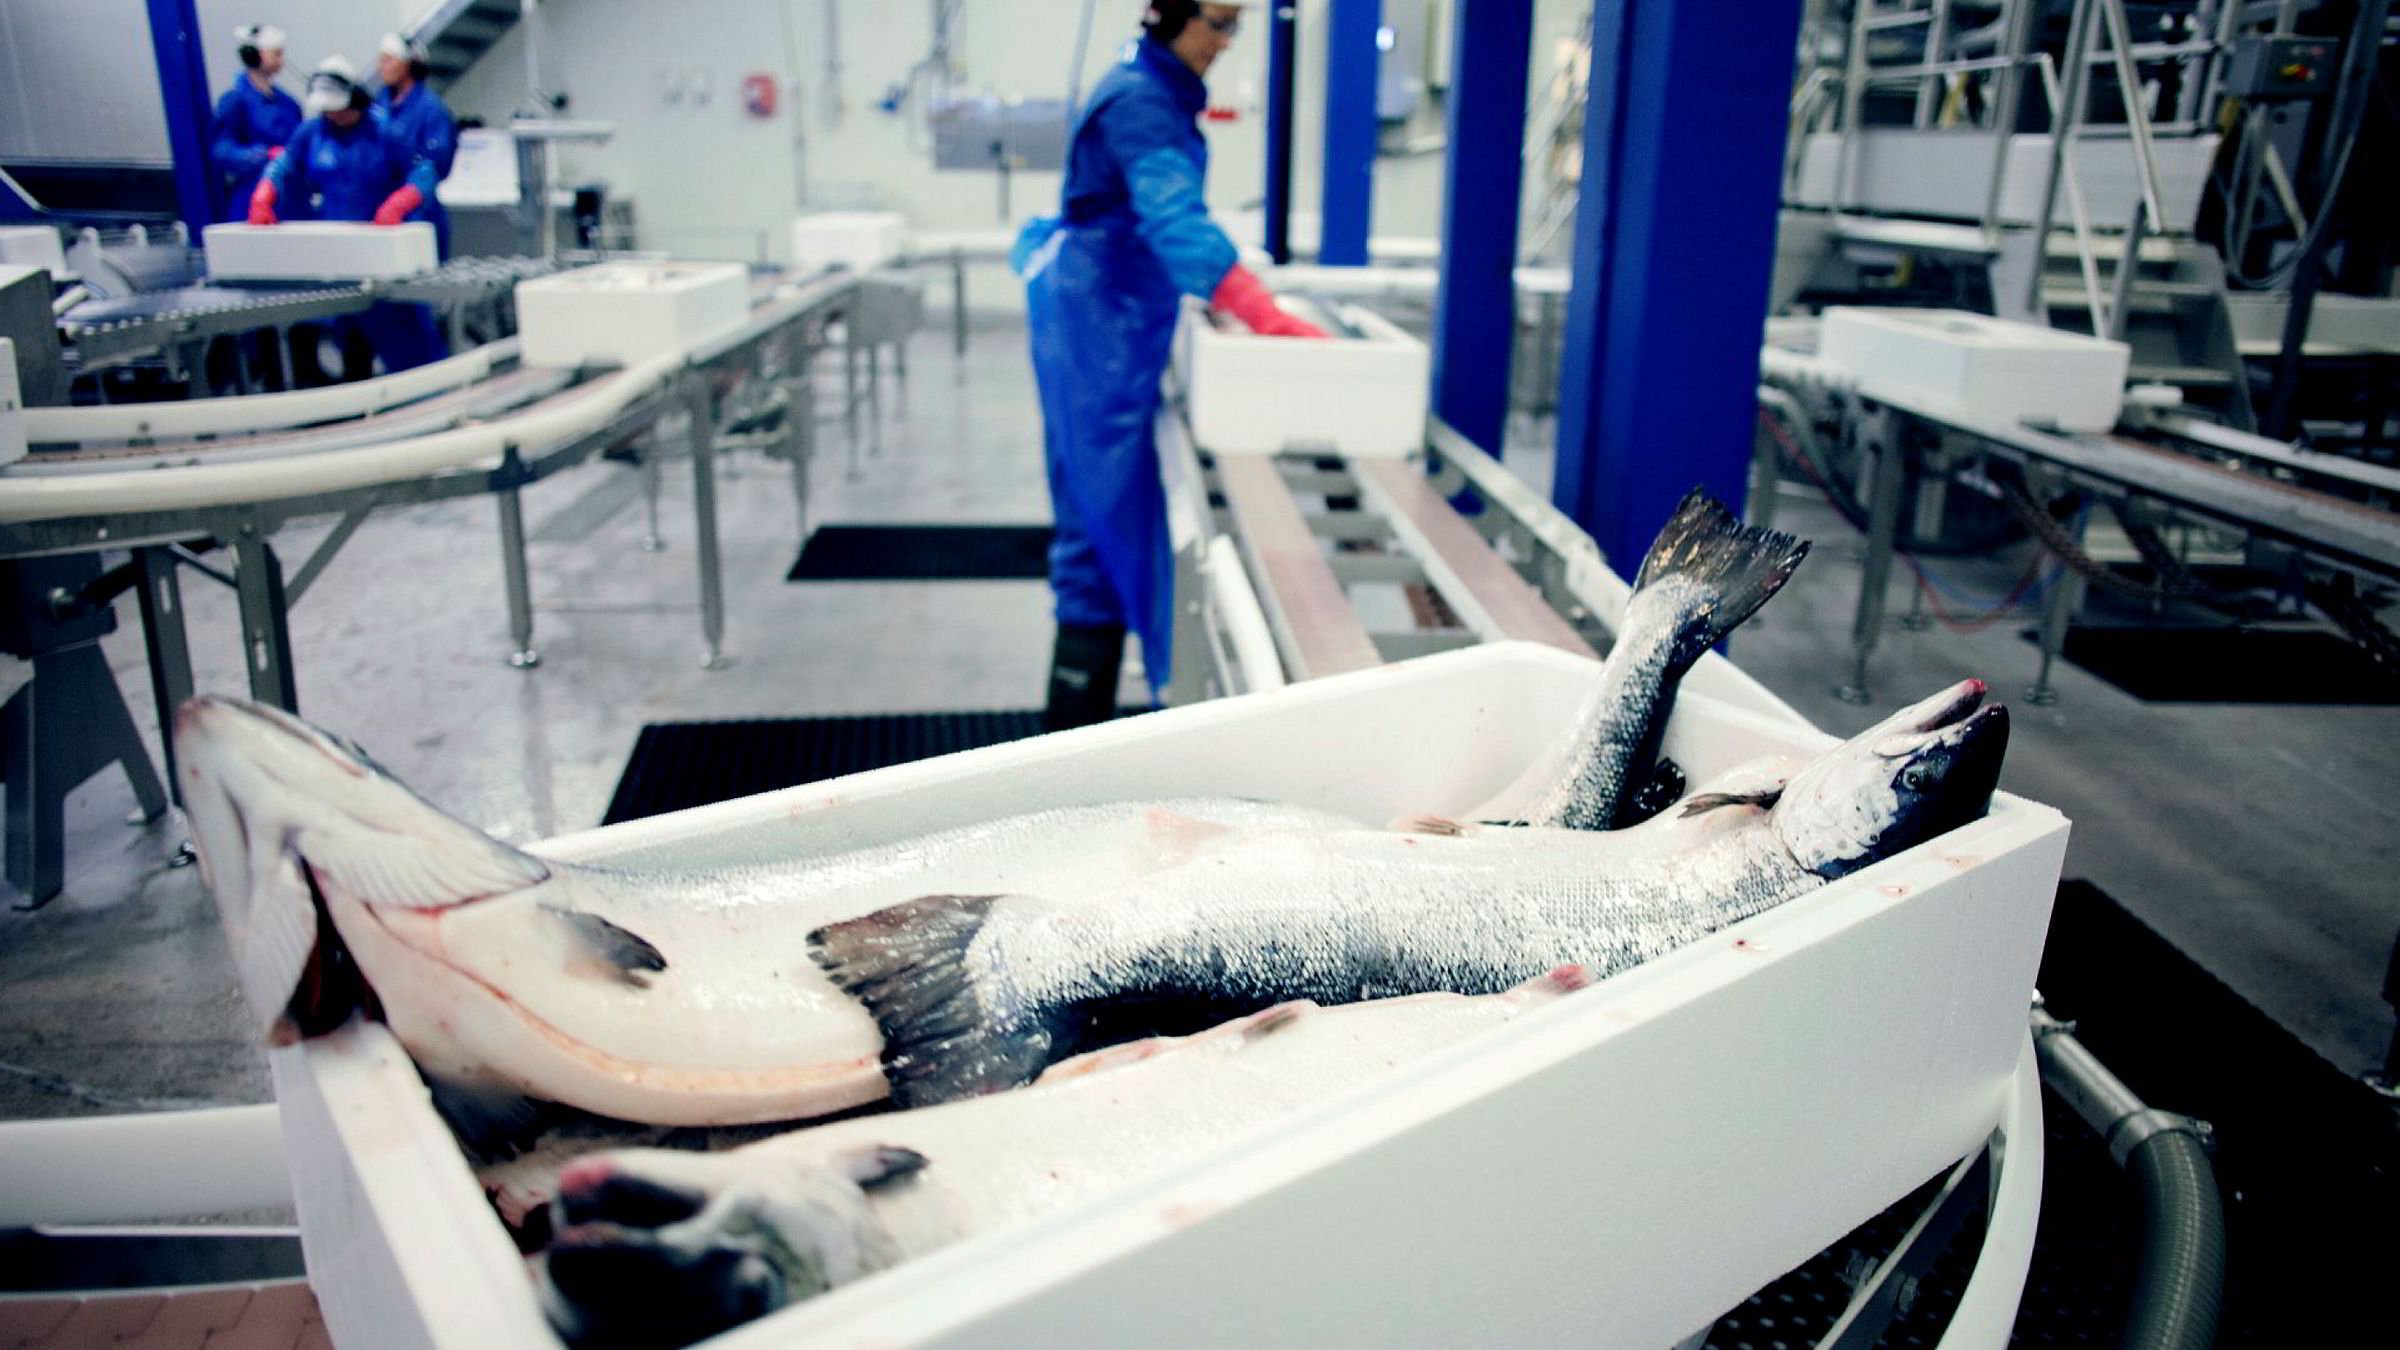 Verdens største lakseoppdretter Marine Harvest betaler ut 155 millioner euro, vel 1,4 milliarder kroner, i utbytte etter andre kvartal. Her fra selskapets oppdrettsanlegg Brattholmen utenfor Herøy i Nordland.